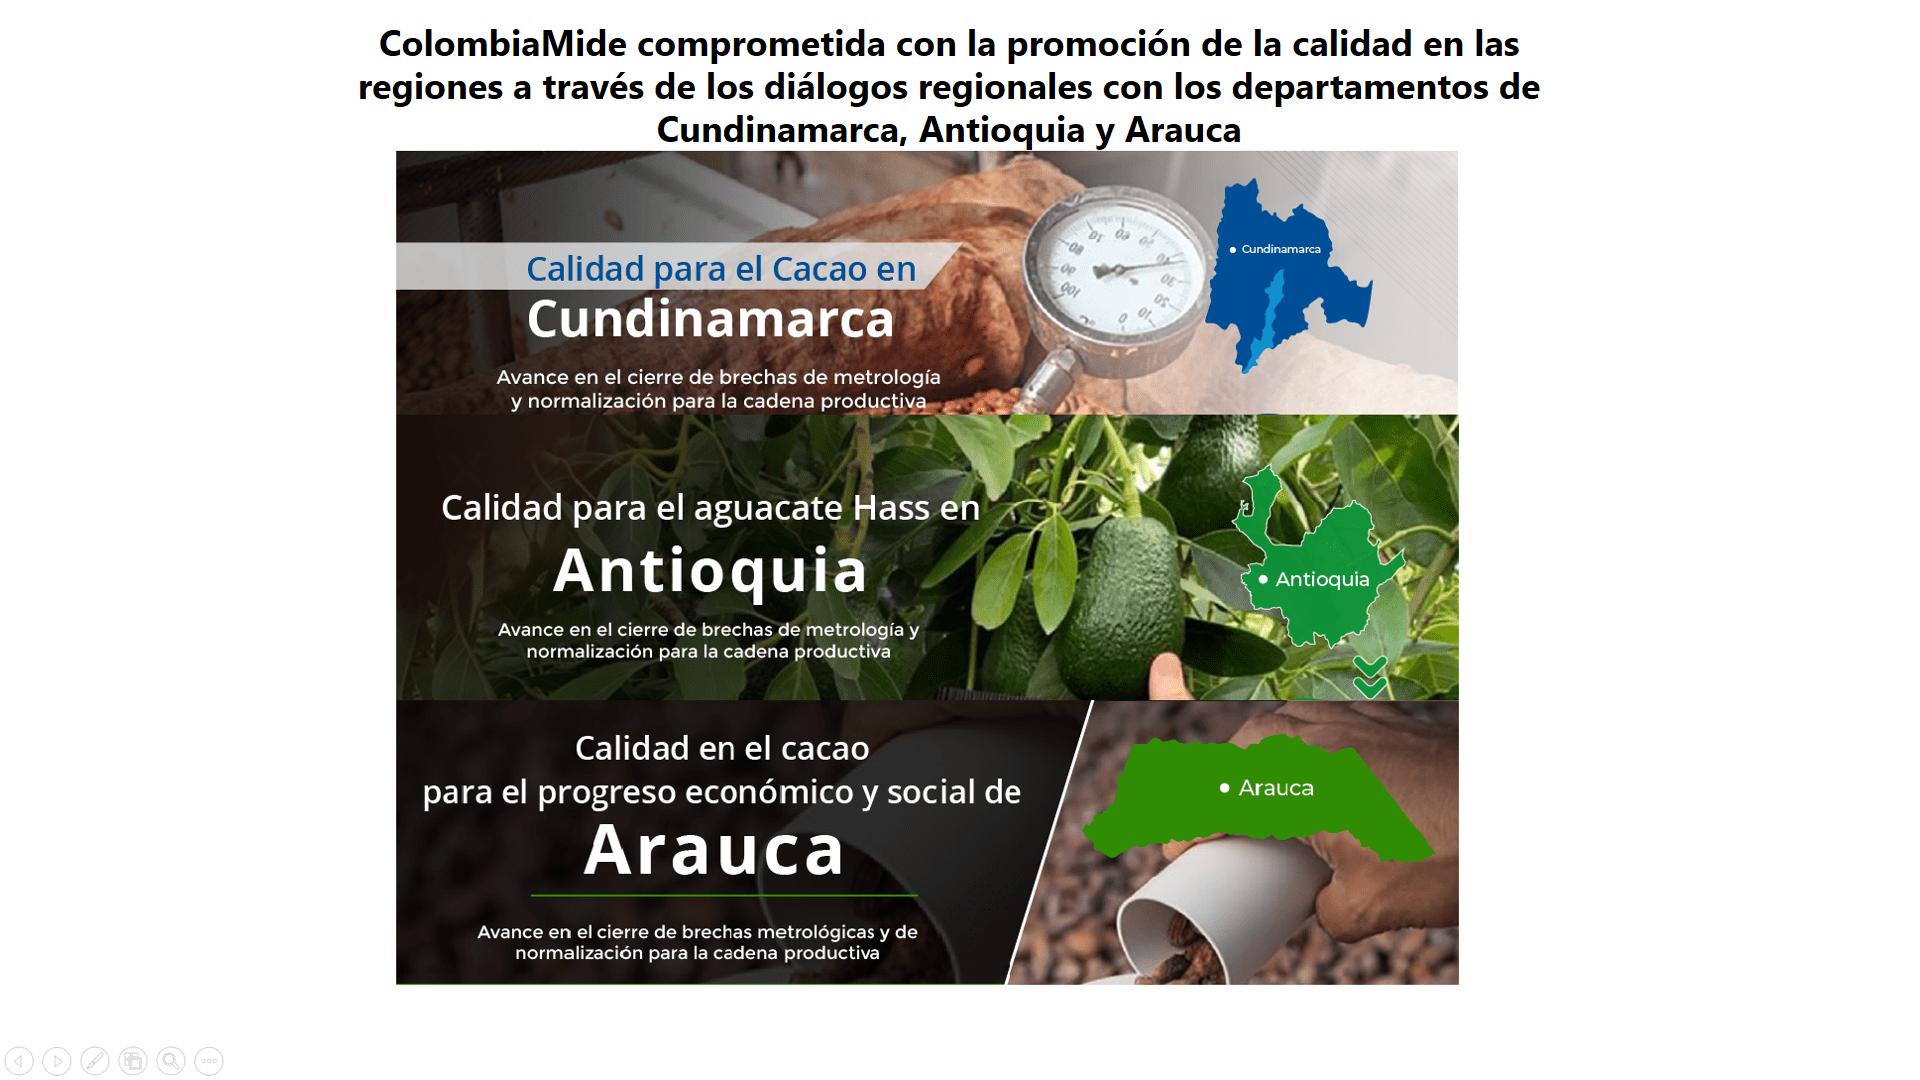 ColombiaMide comprometida con la promoción de la calidad en las regiones a través de los diálogos regionales con los departamentos de Cundinamarca, Antioquia y Arauca